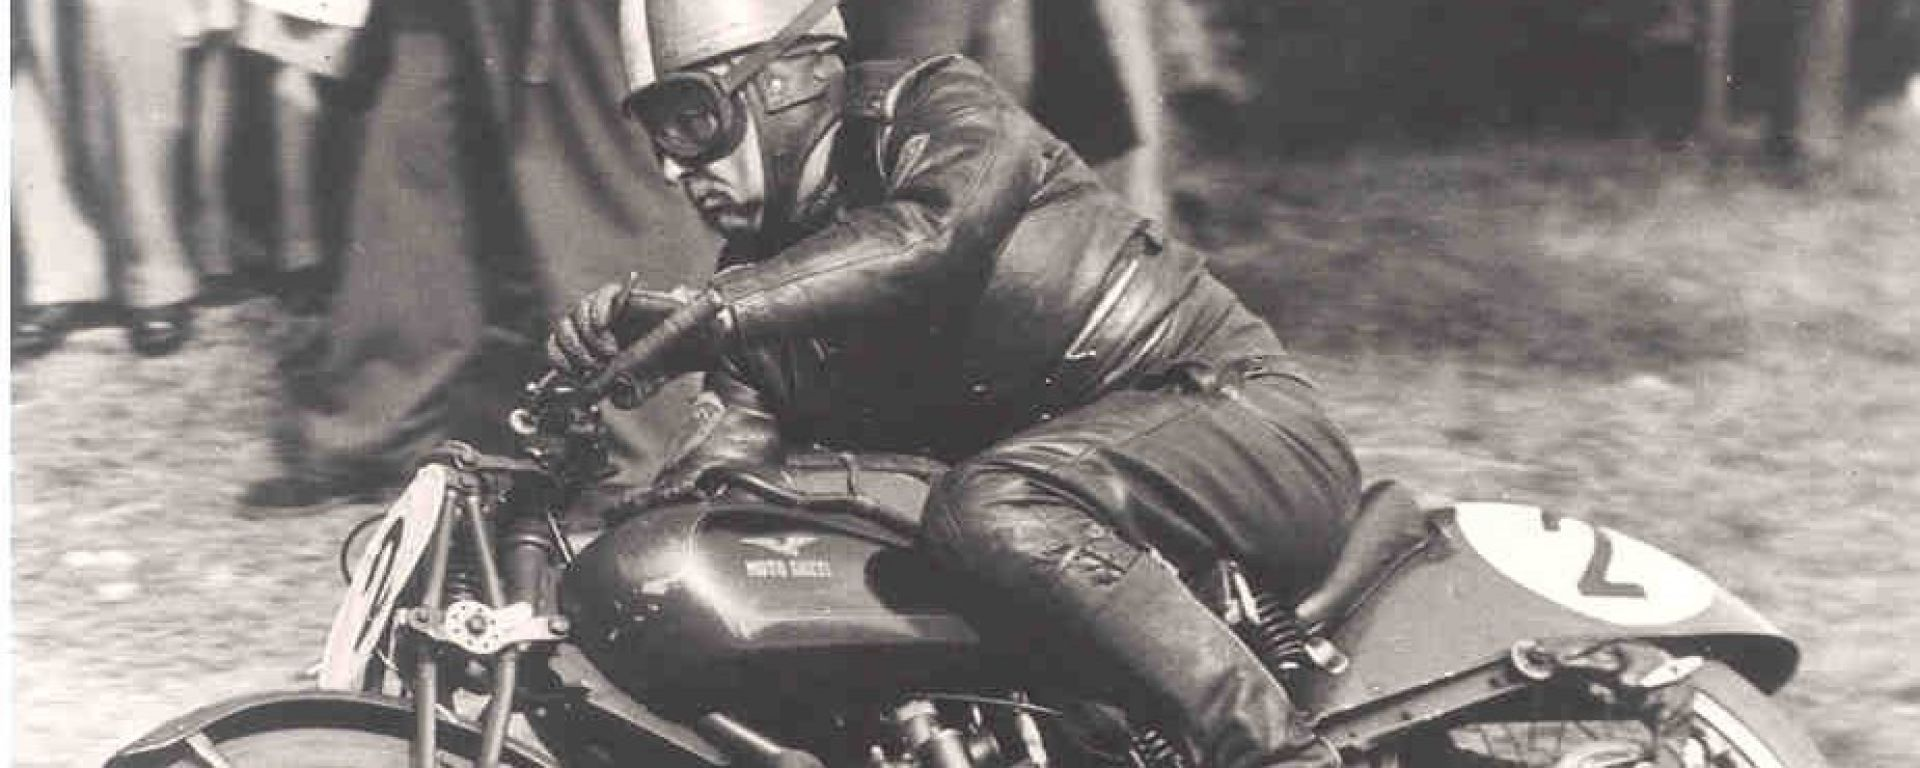 Moto Guzzi ritorno alle corse